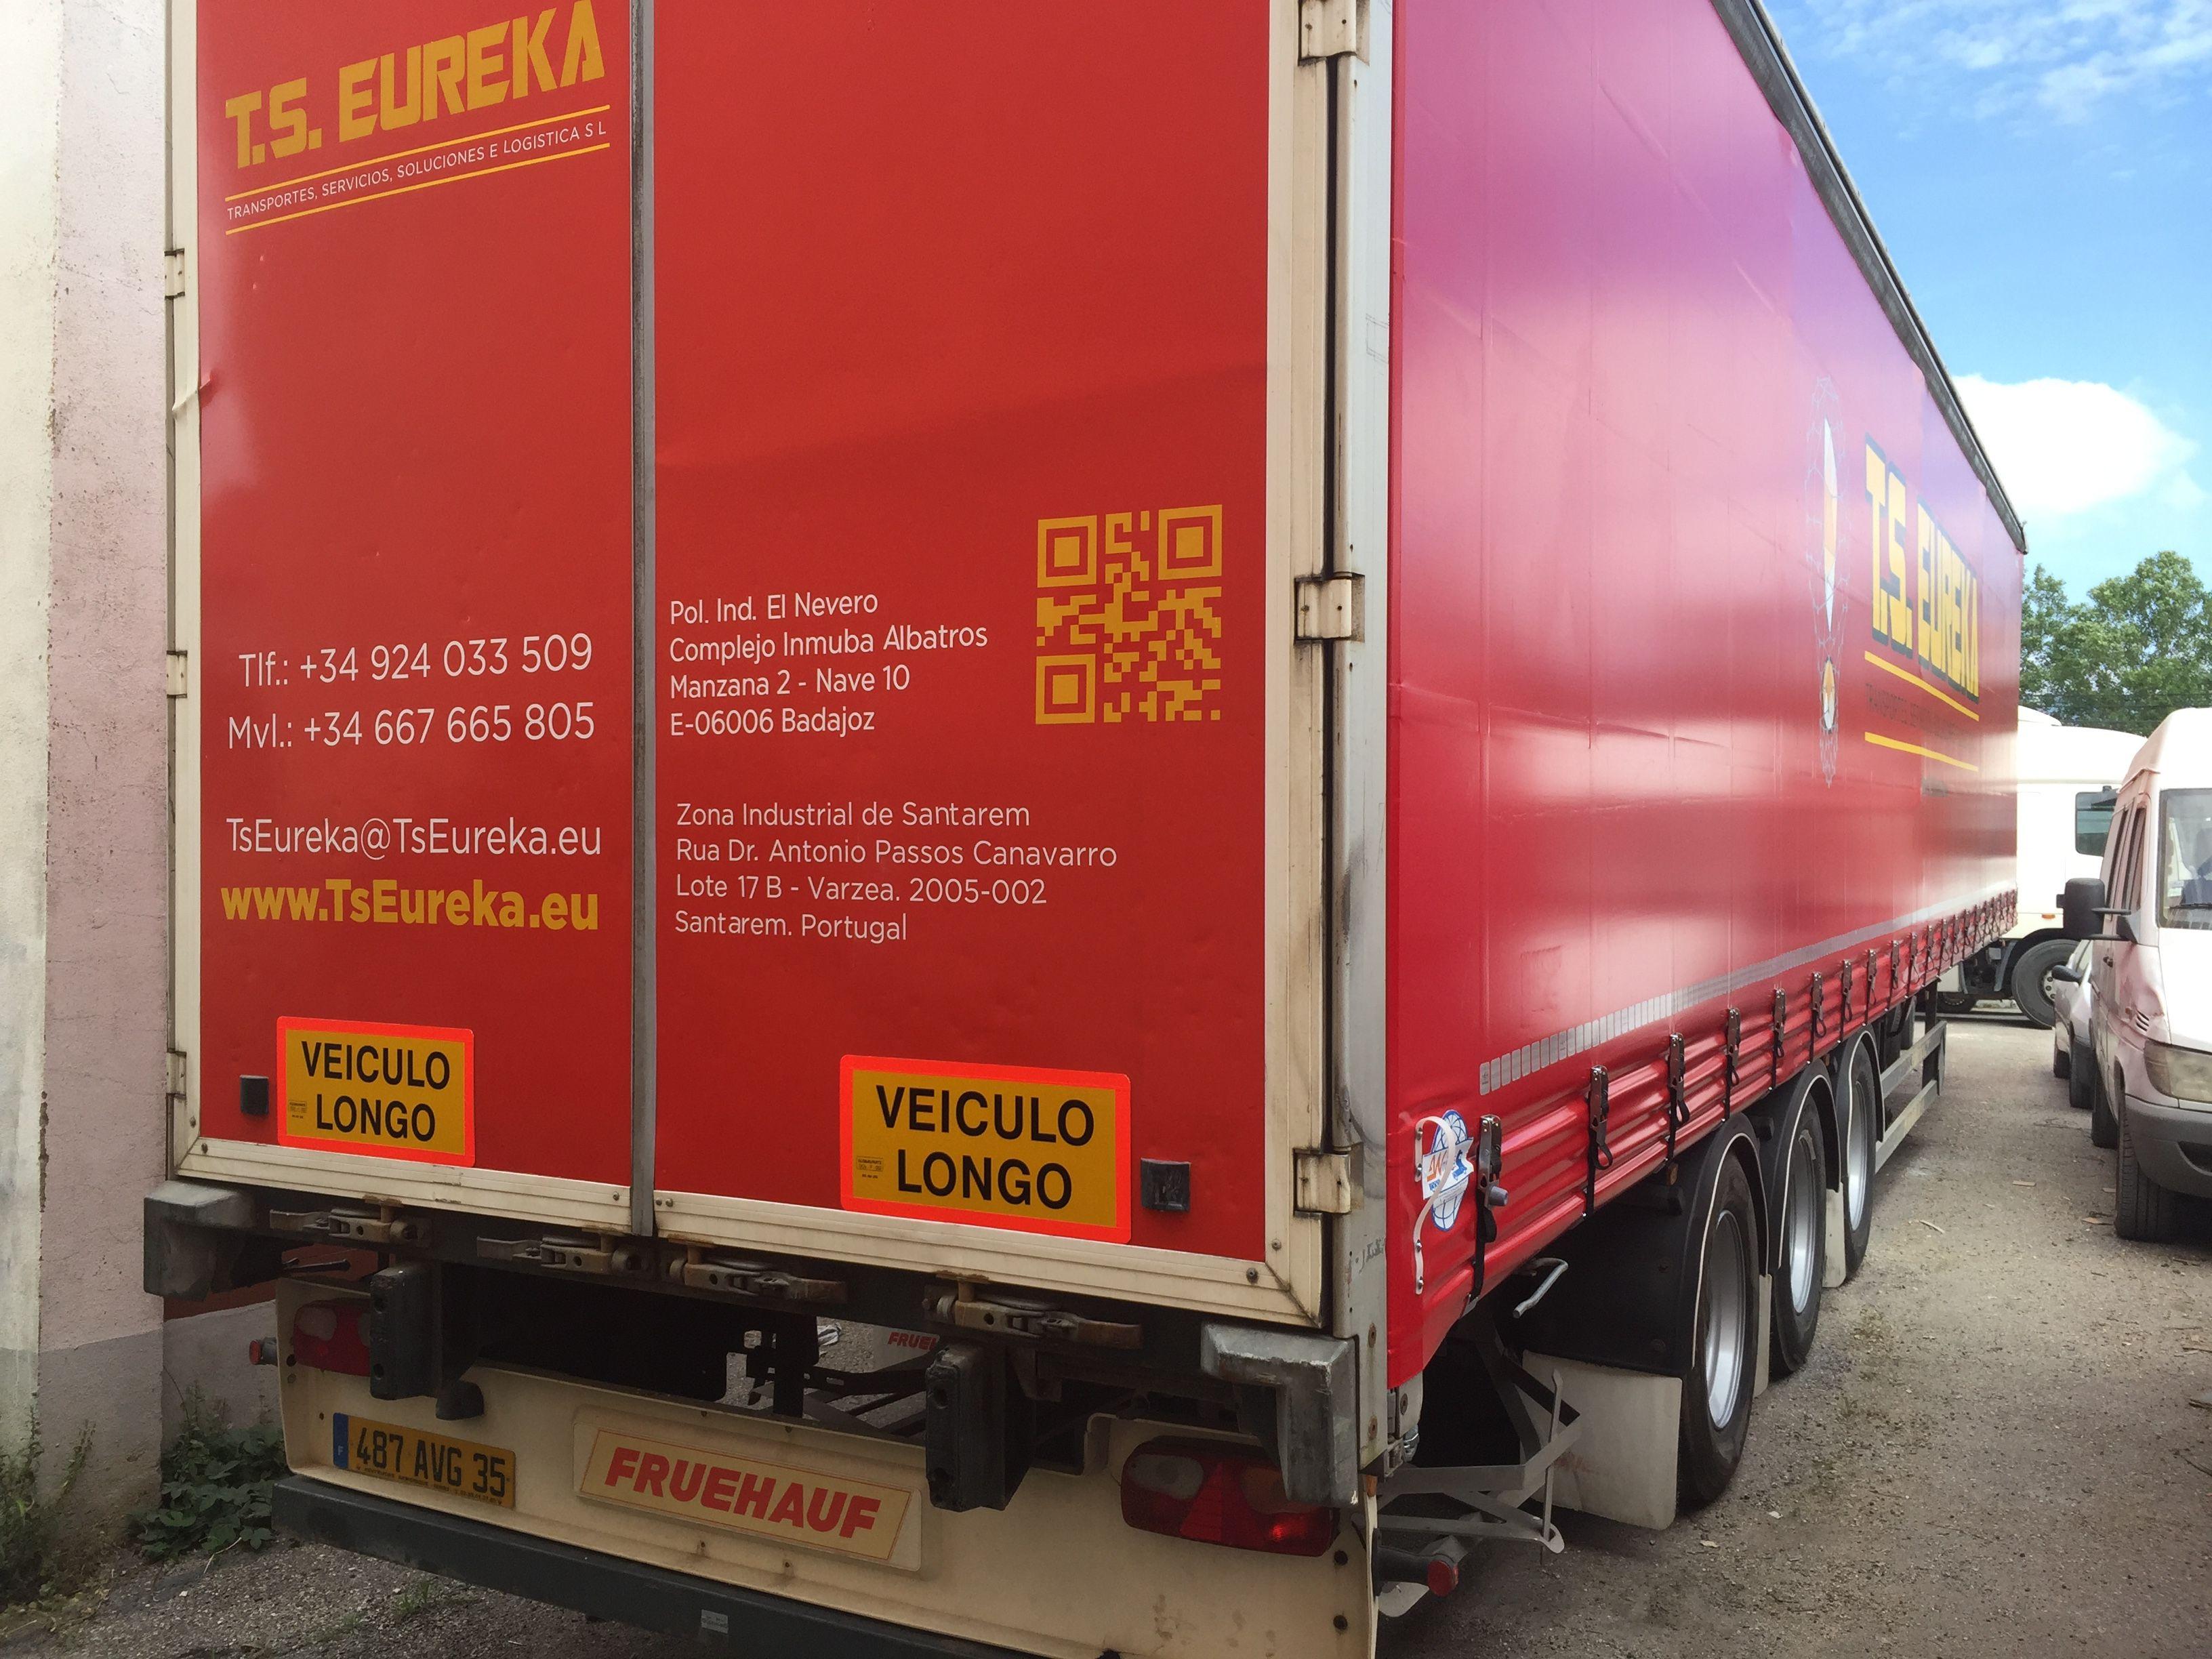 Camiones en perfectas condiciones